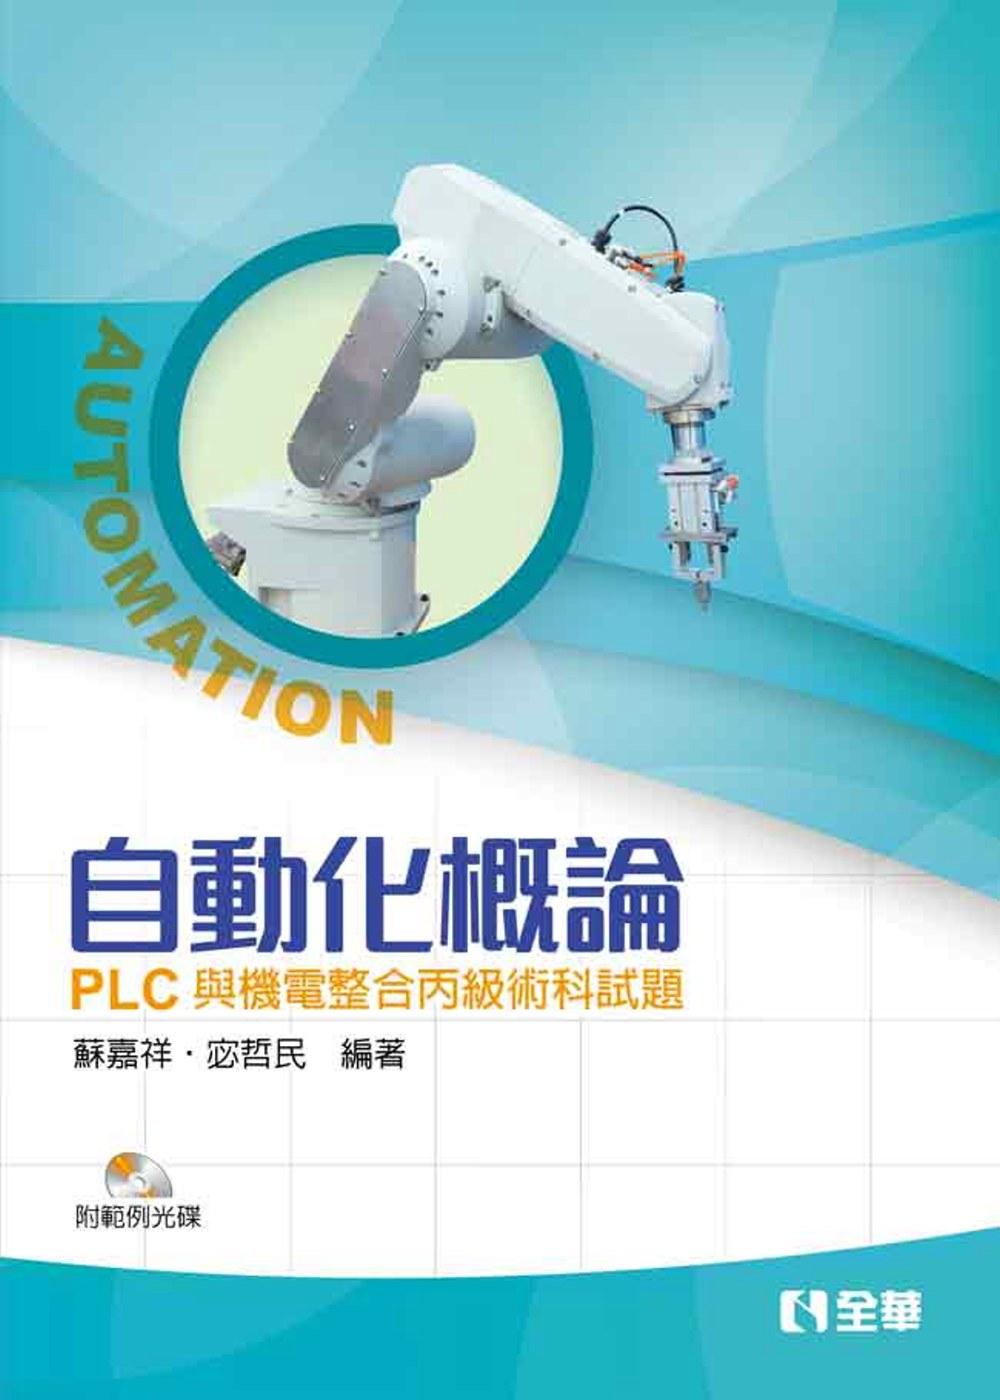 自動化概論:PLC與機電整合丙級術科試題